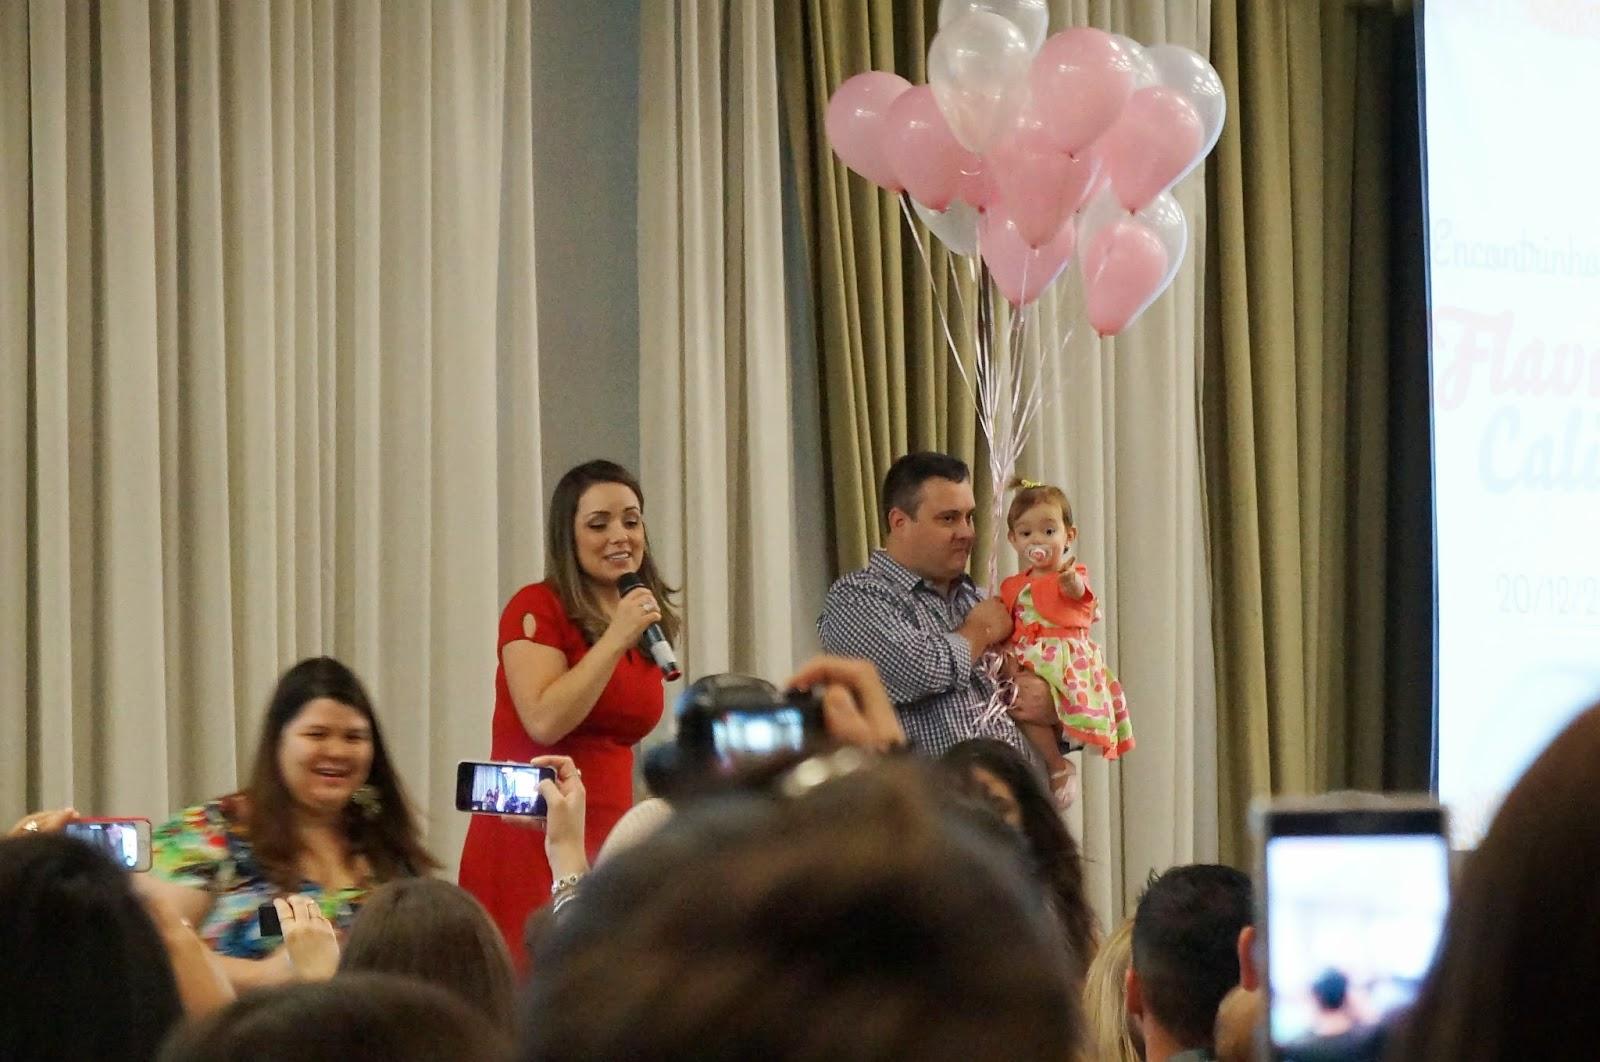 Família Calina: Flavinha, Ricardo e Victoria (baby V) - encontrinho Flavia Calina 2014